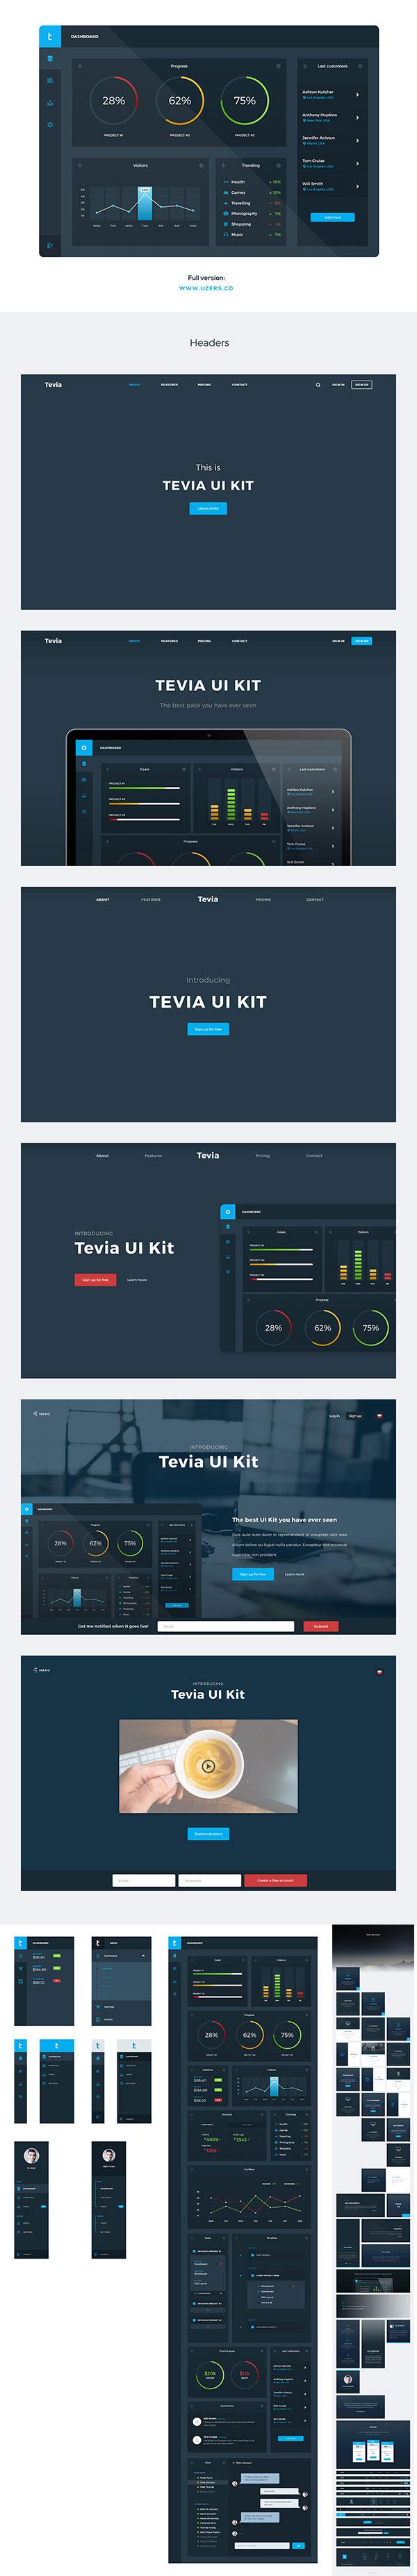 蓝色UI工具包